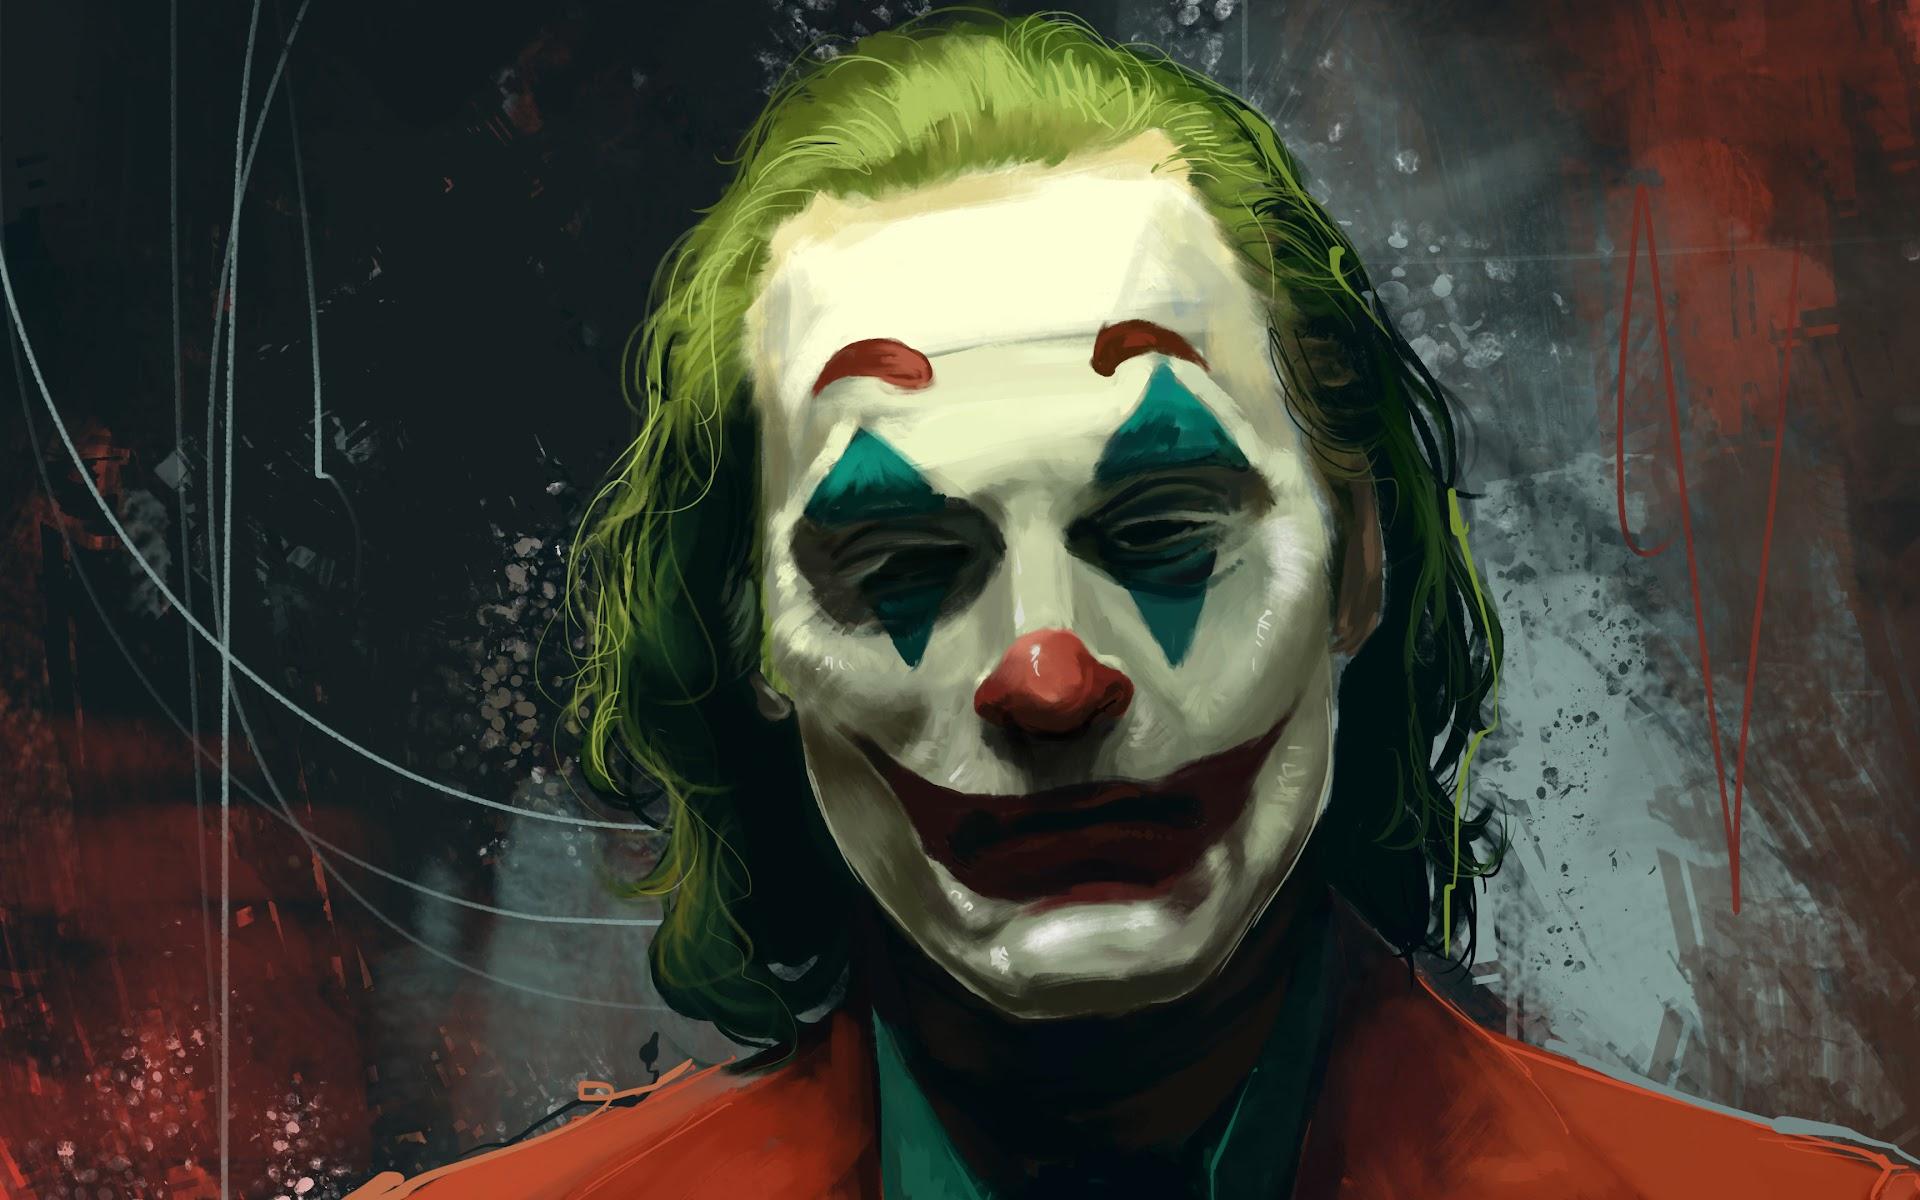 Joker, 2019, 4K, #10 Wallpaper